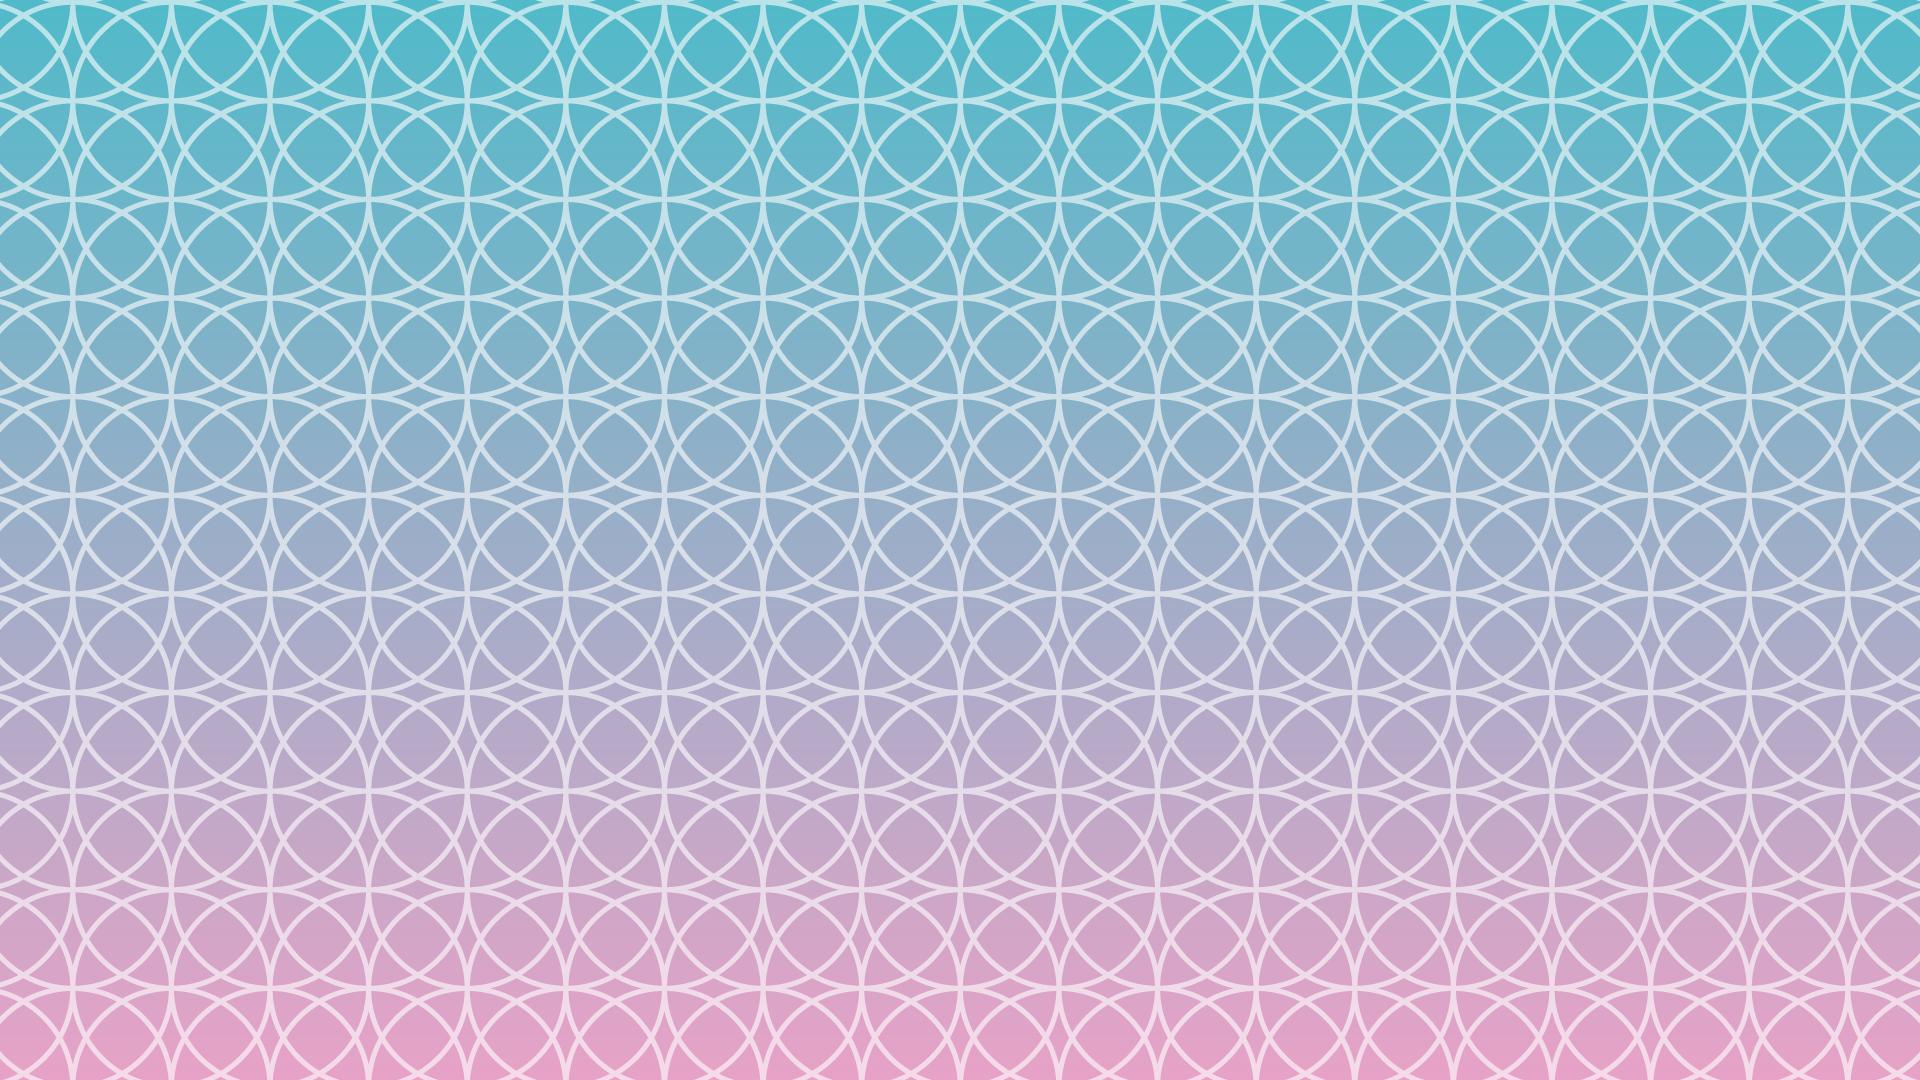 丸が集合した壁紙・背景素材 1,920px×1,080px